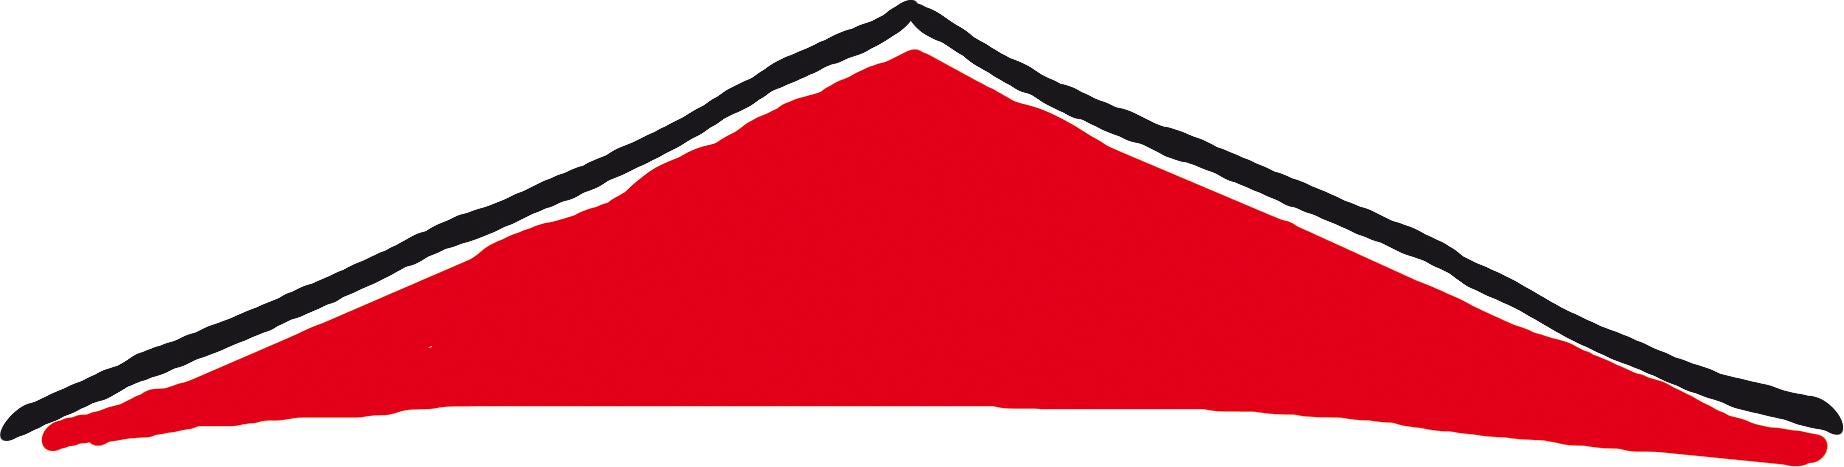 Dach_oben_RGB